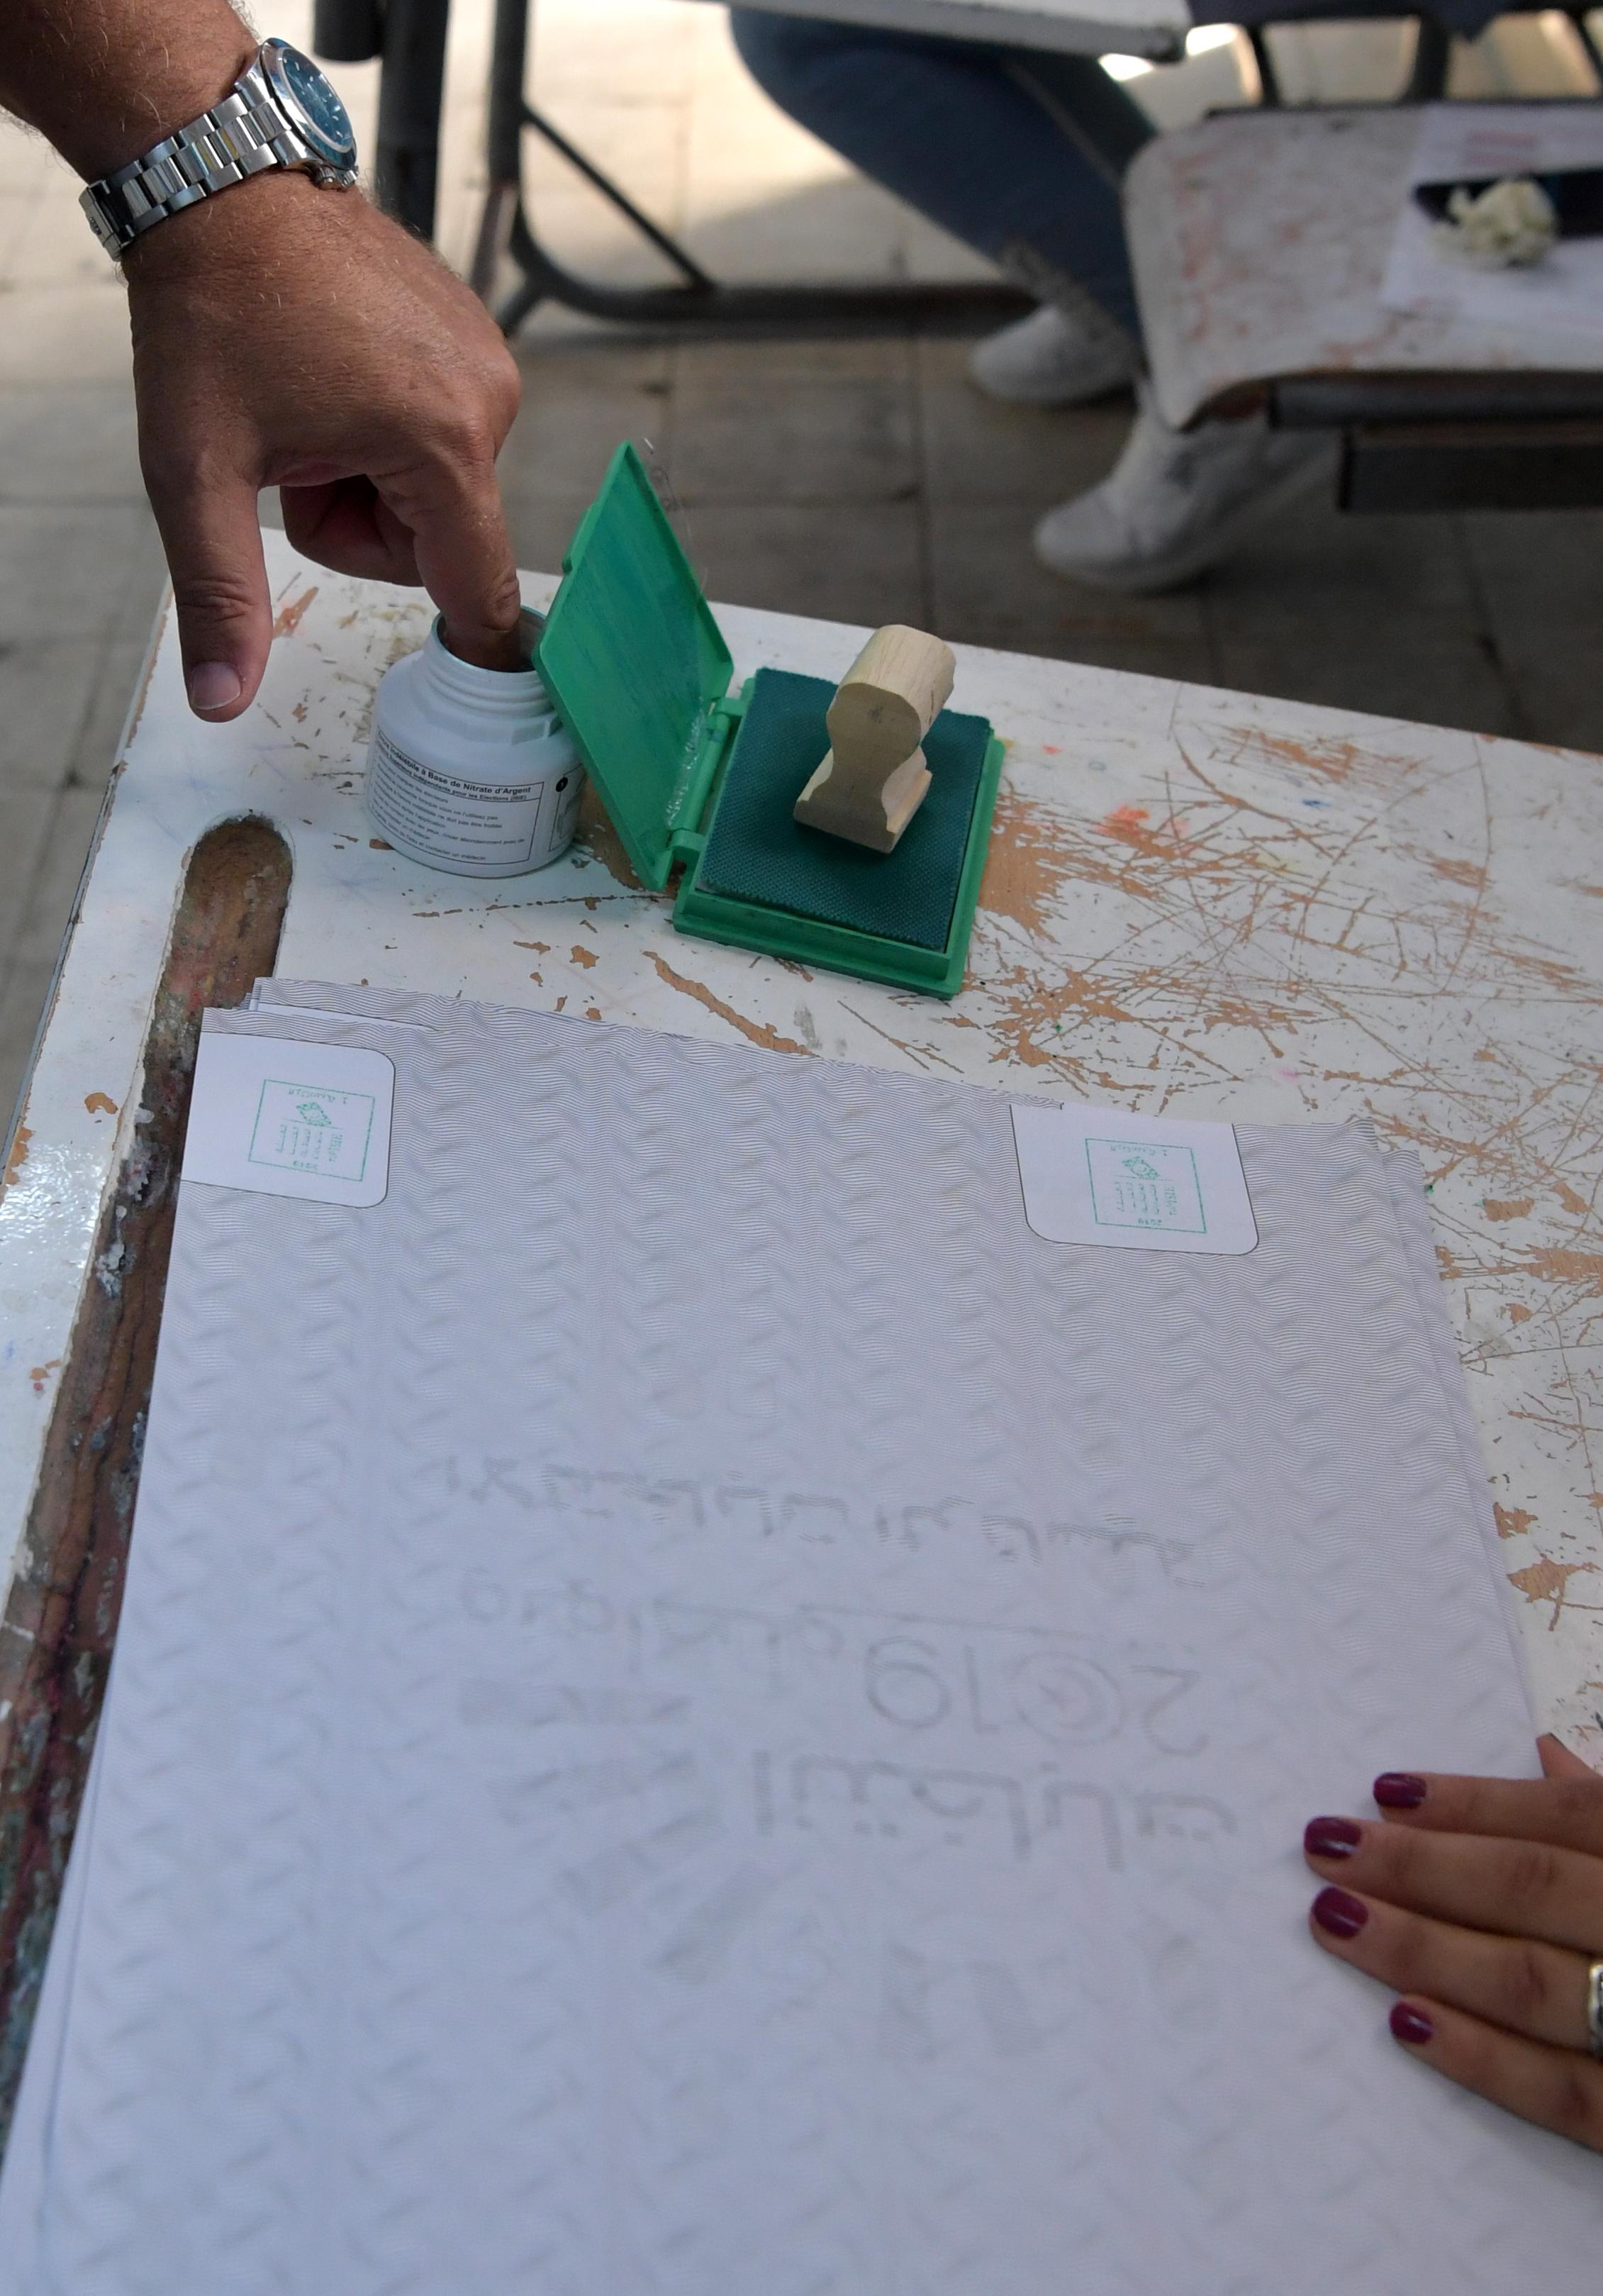 استخدم الحبر لضمان عدم تكرار تصويت الناخبين